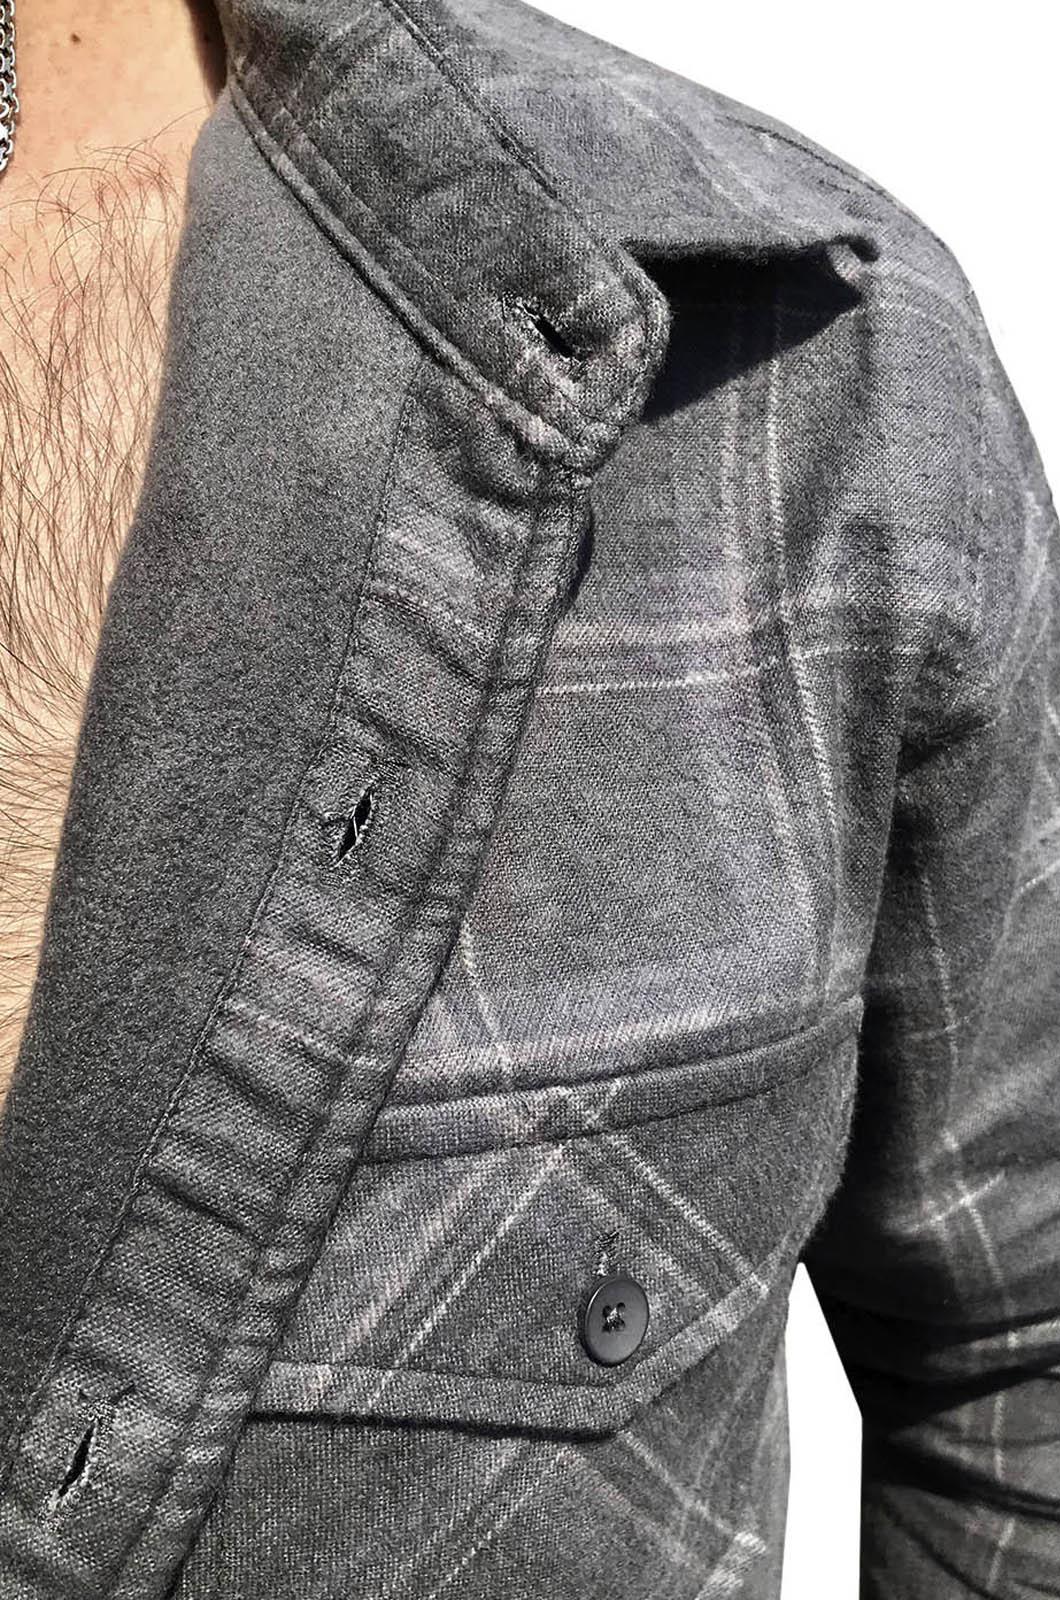 Утепленная мужская рубашка с вышитым шевроном ВДВ Медведь - купить оптом